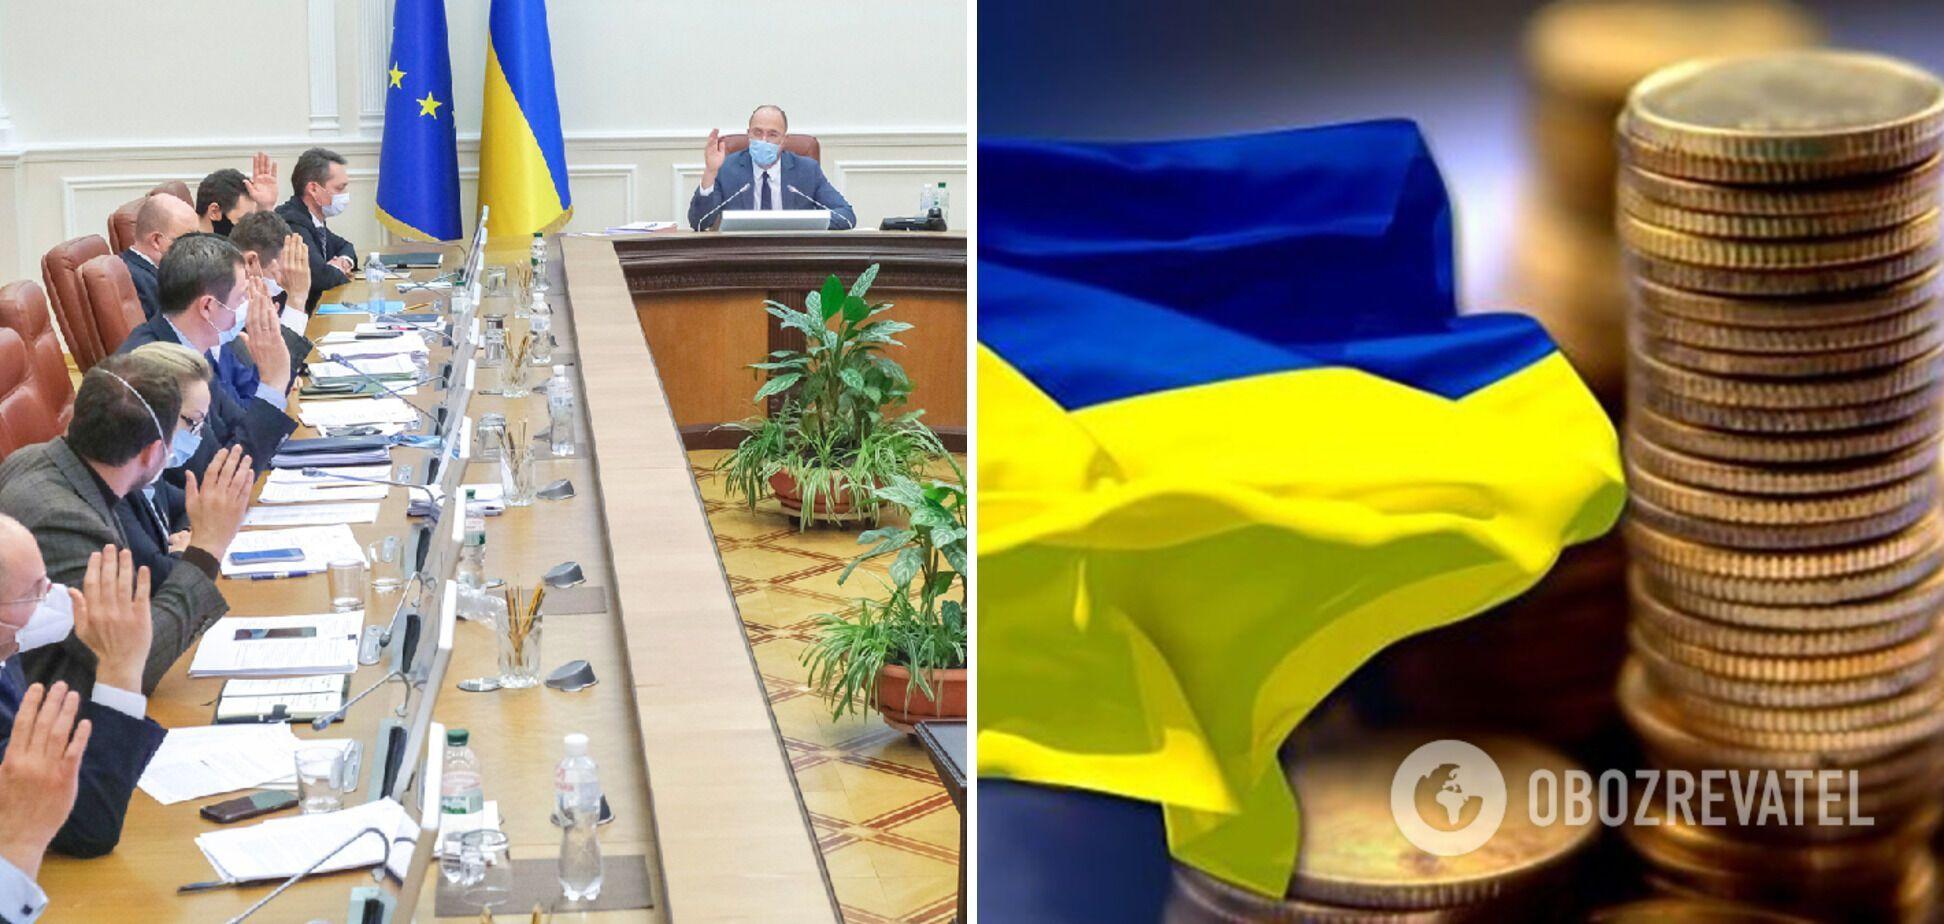 Крах мифа о свободном рынке, или Как Украине выжить в посткоронавирусной экономической реальности